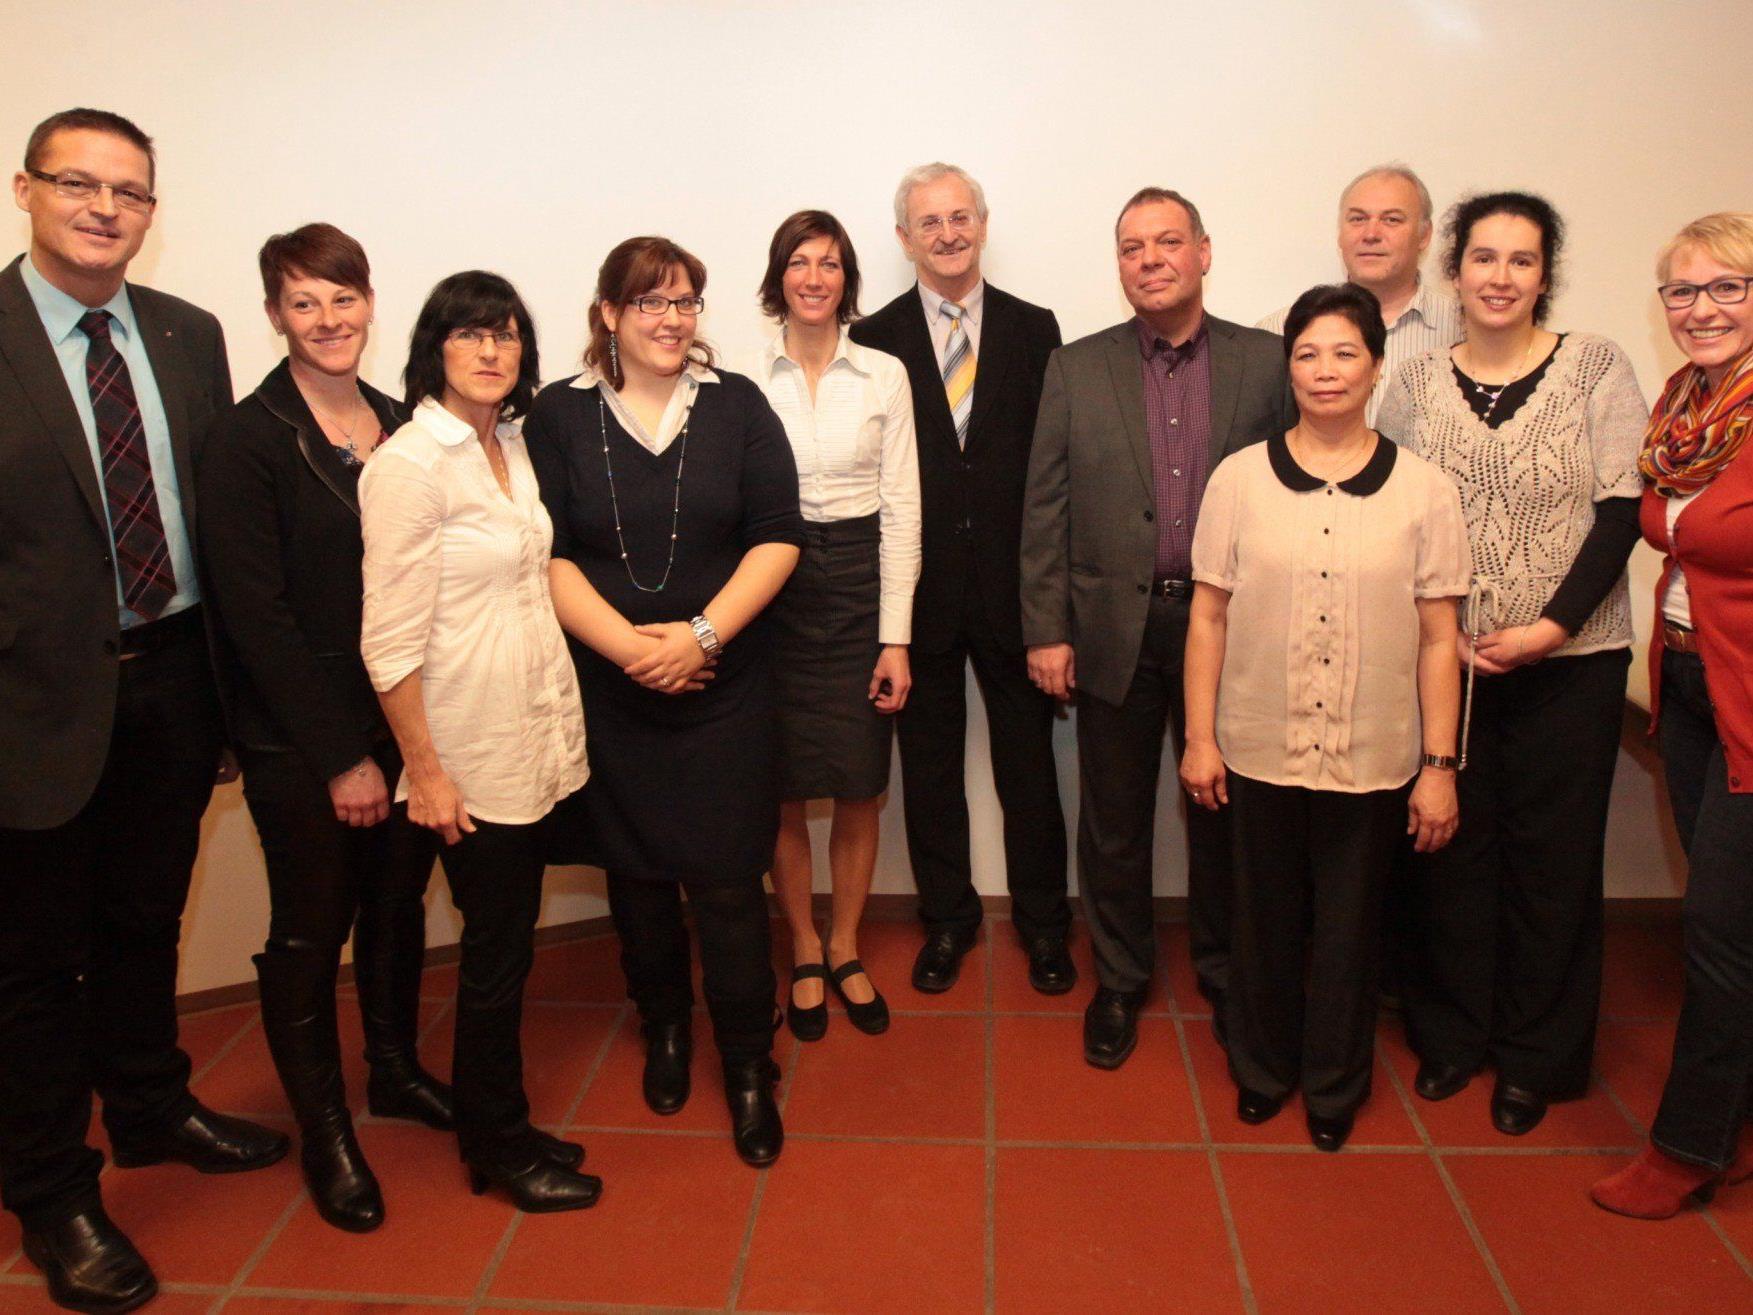 Landesrat Bernhard mit einigen der 43 JubilarInnen.